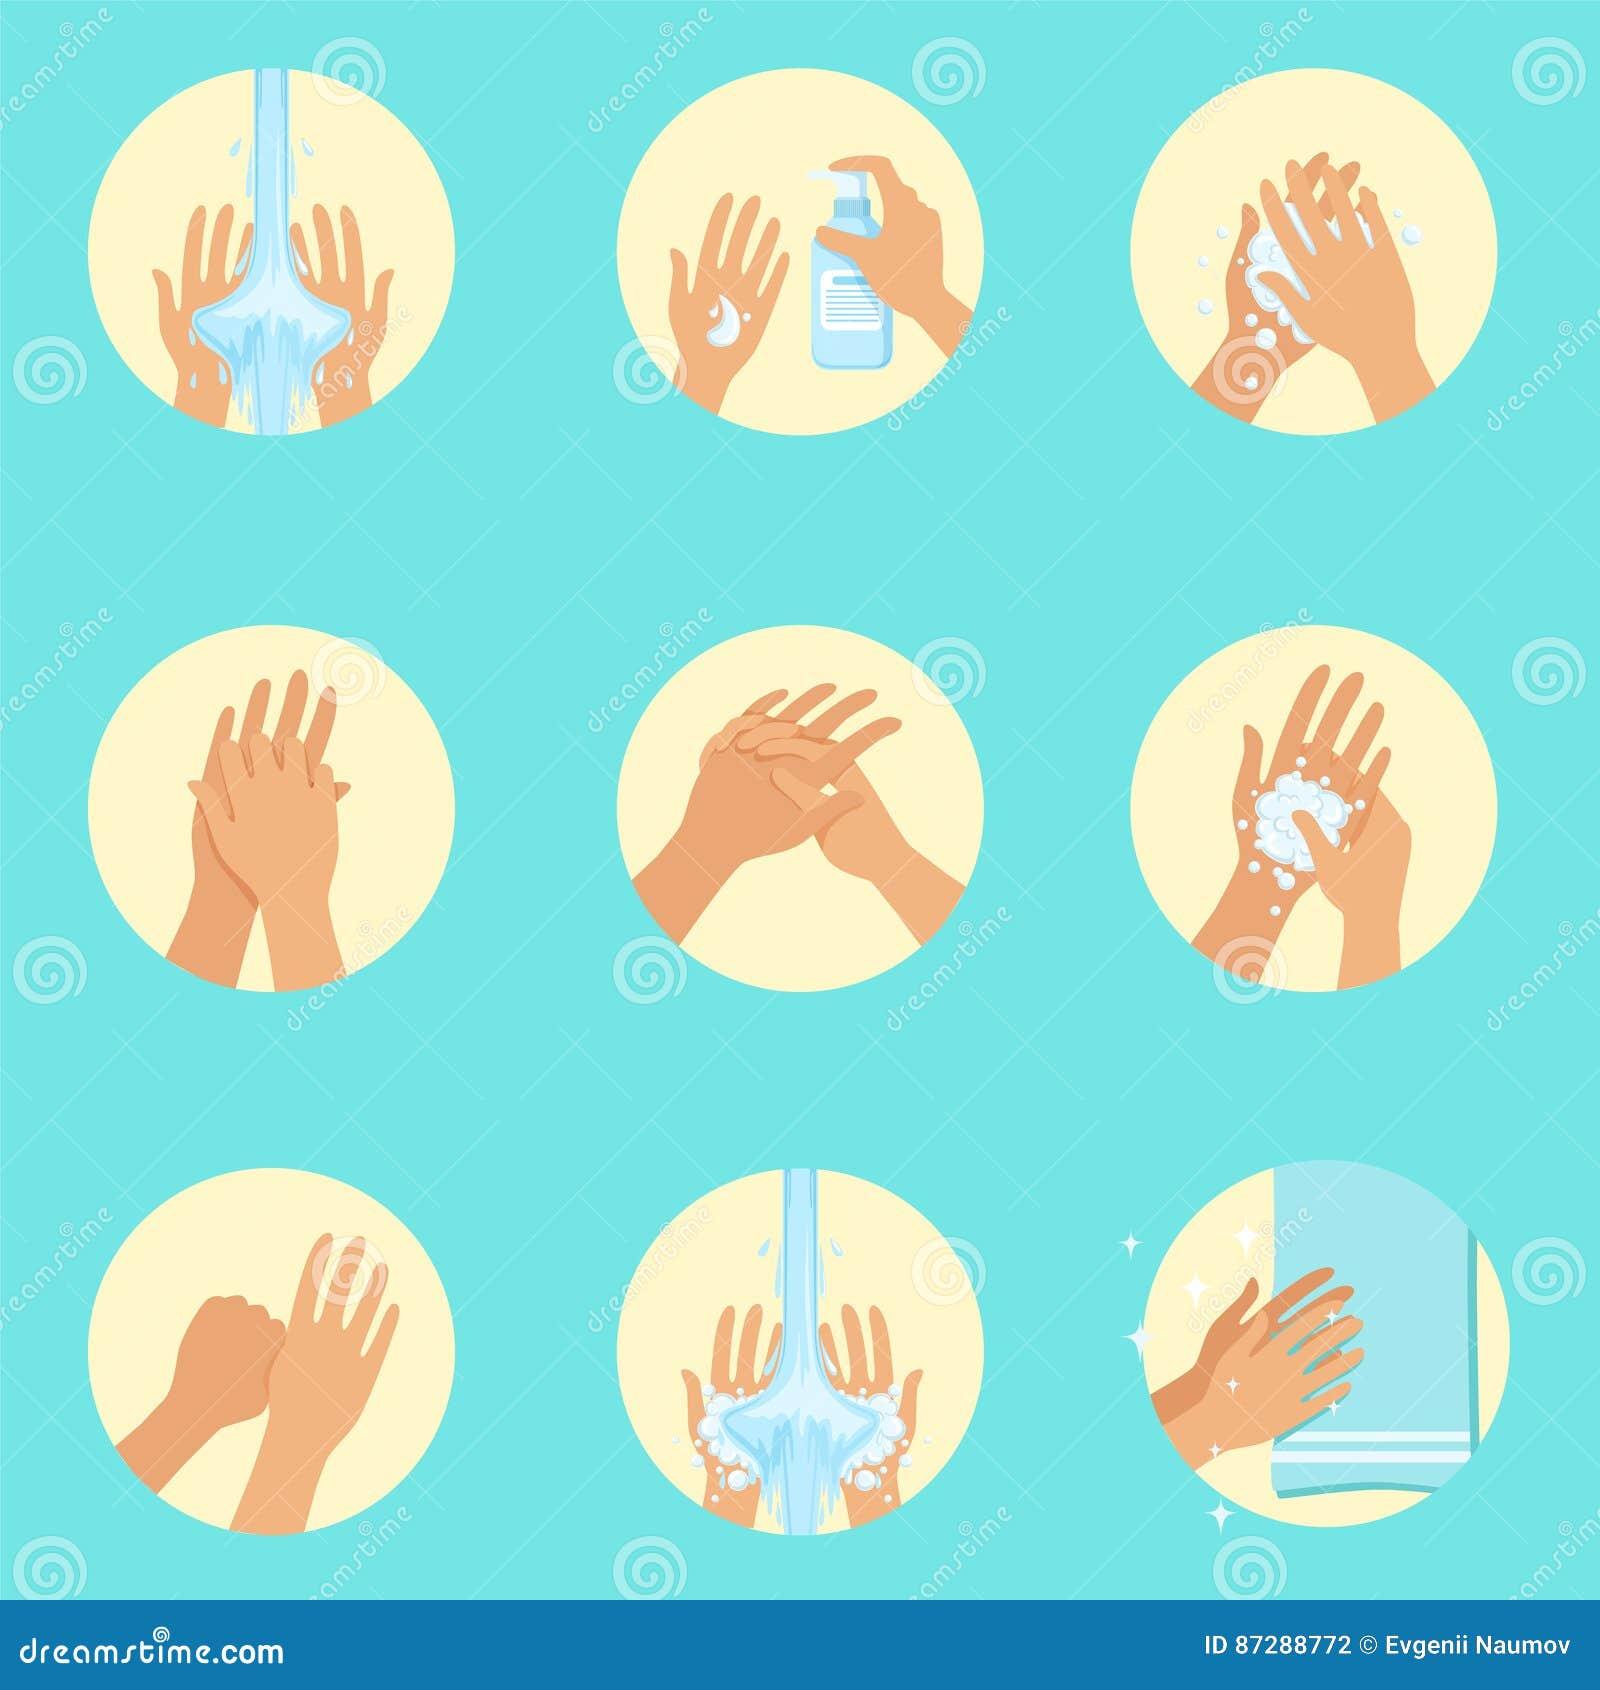 Manos que lavan la instrucción de la secuencia, cartel de la higiene de Infographic para los procedimientos apropiados del lavado